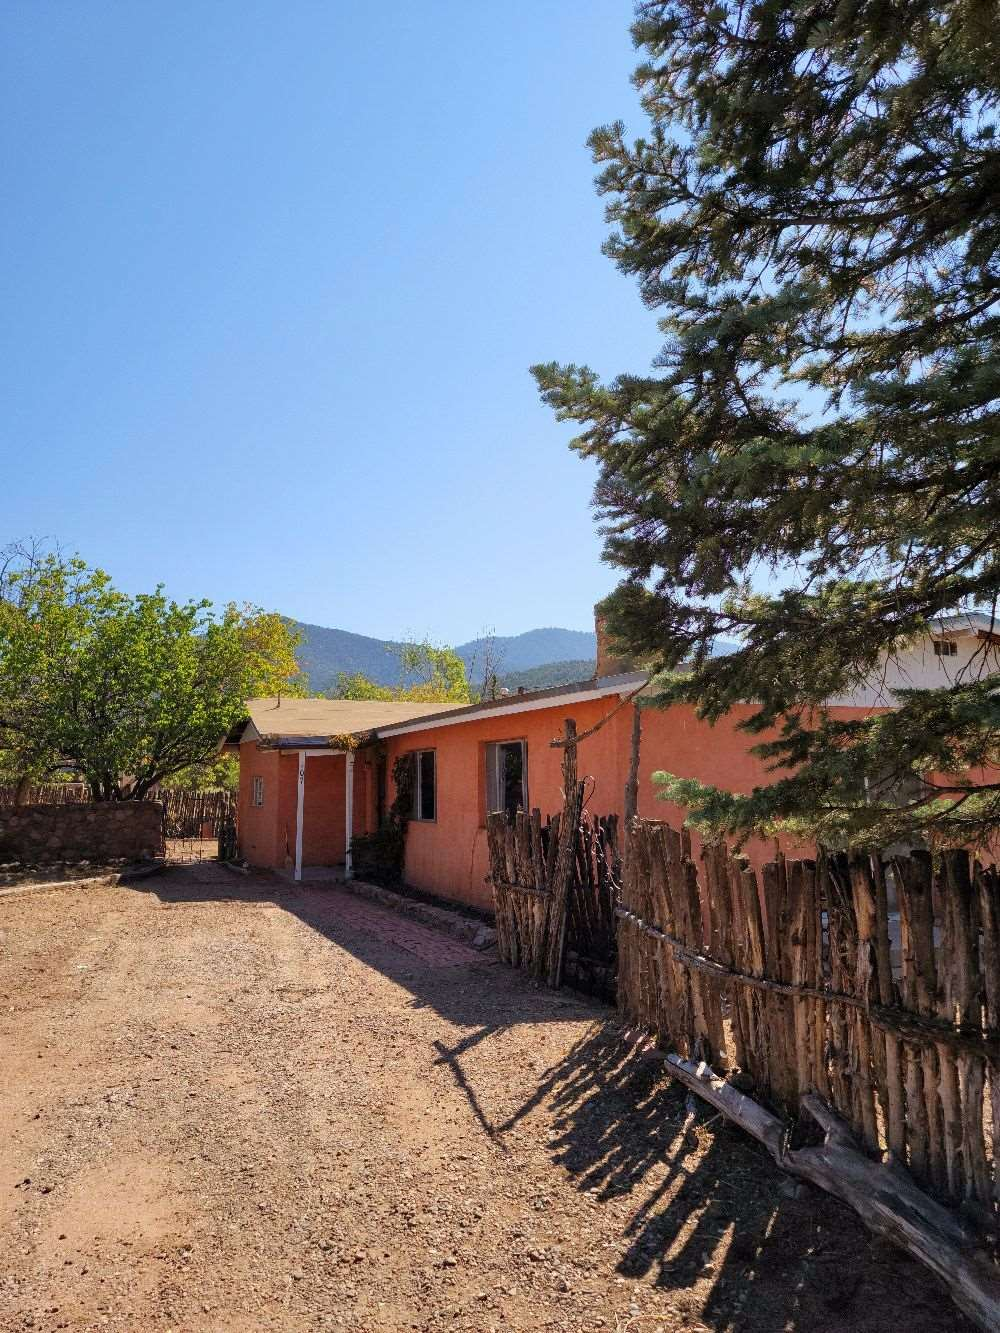 107 S Armijo Ln, Santa Fe, NM 87501 - #: 202004089